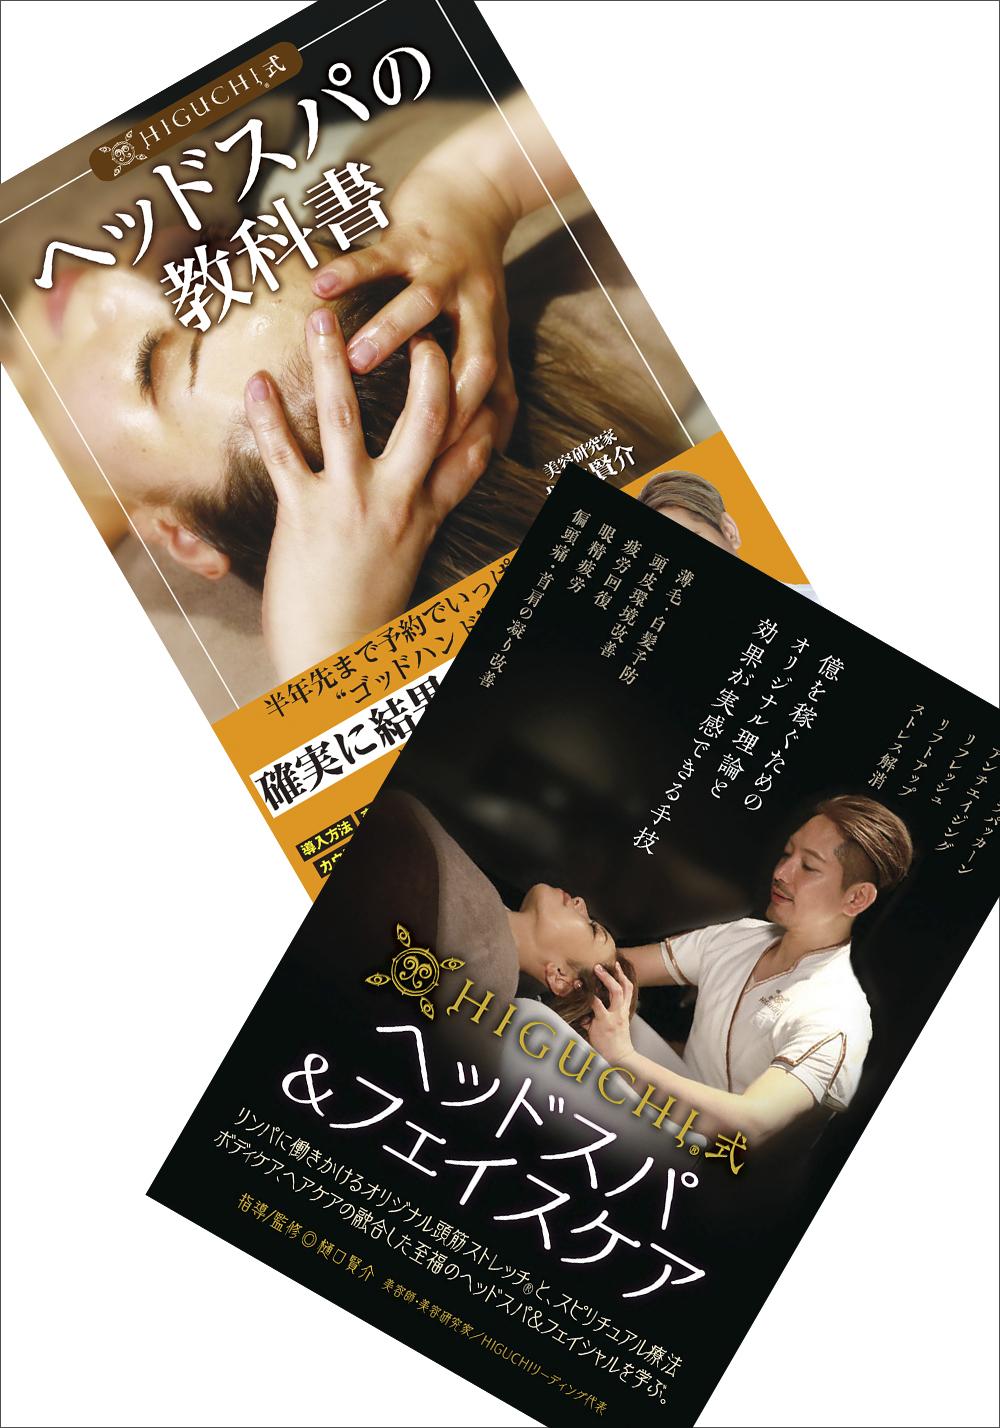 書籍+DVD 『HIGUCHI式ヘッドスパ』 通販サイト限定セット